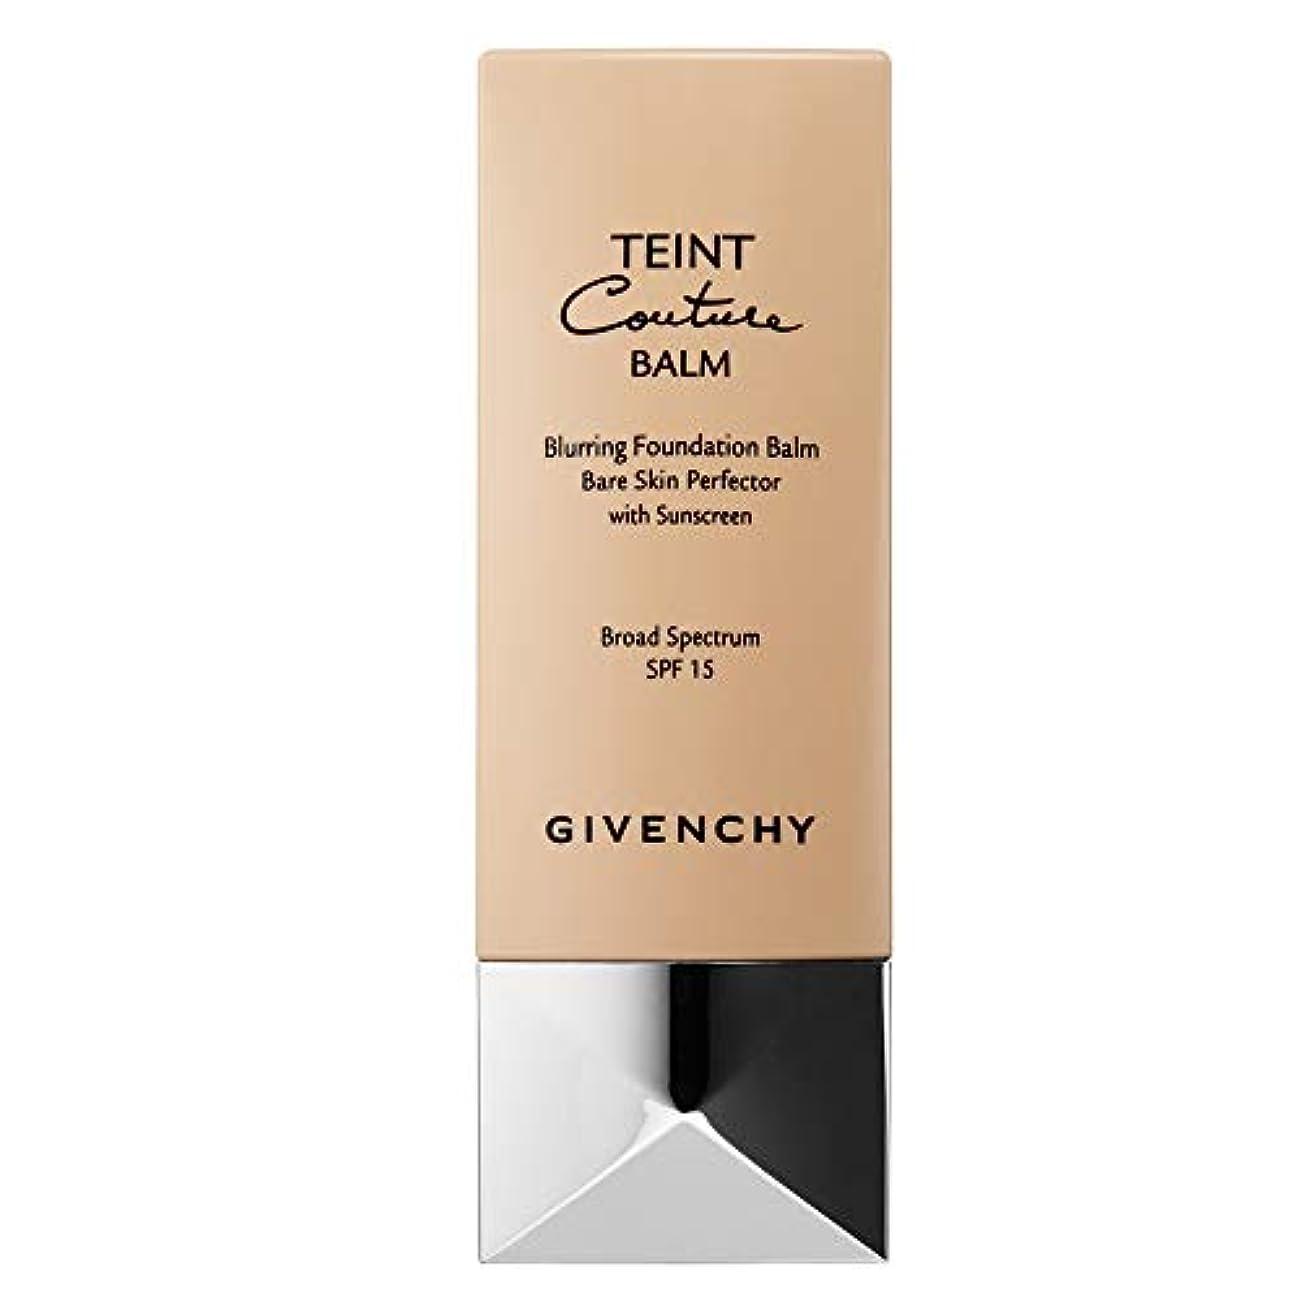 名前を作る母音スタックジバンシィ Teint Couture Blurring Foundation Balm SPF 15 - # 1 Nude Porcelain 30ml/1oz並行輸入品